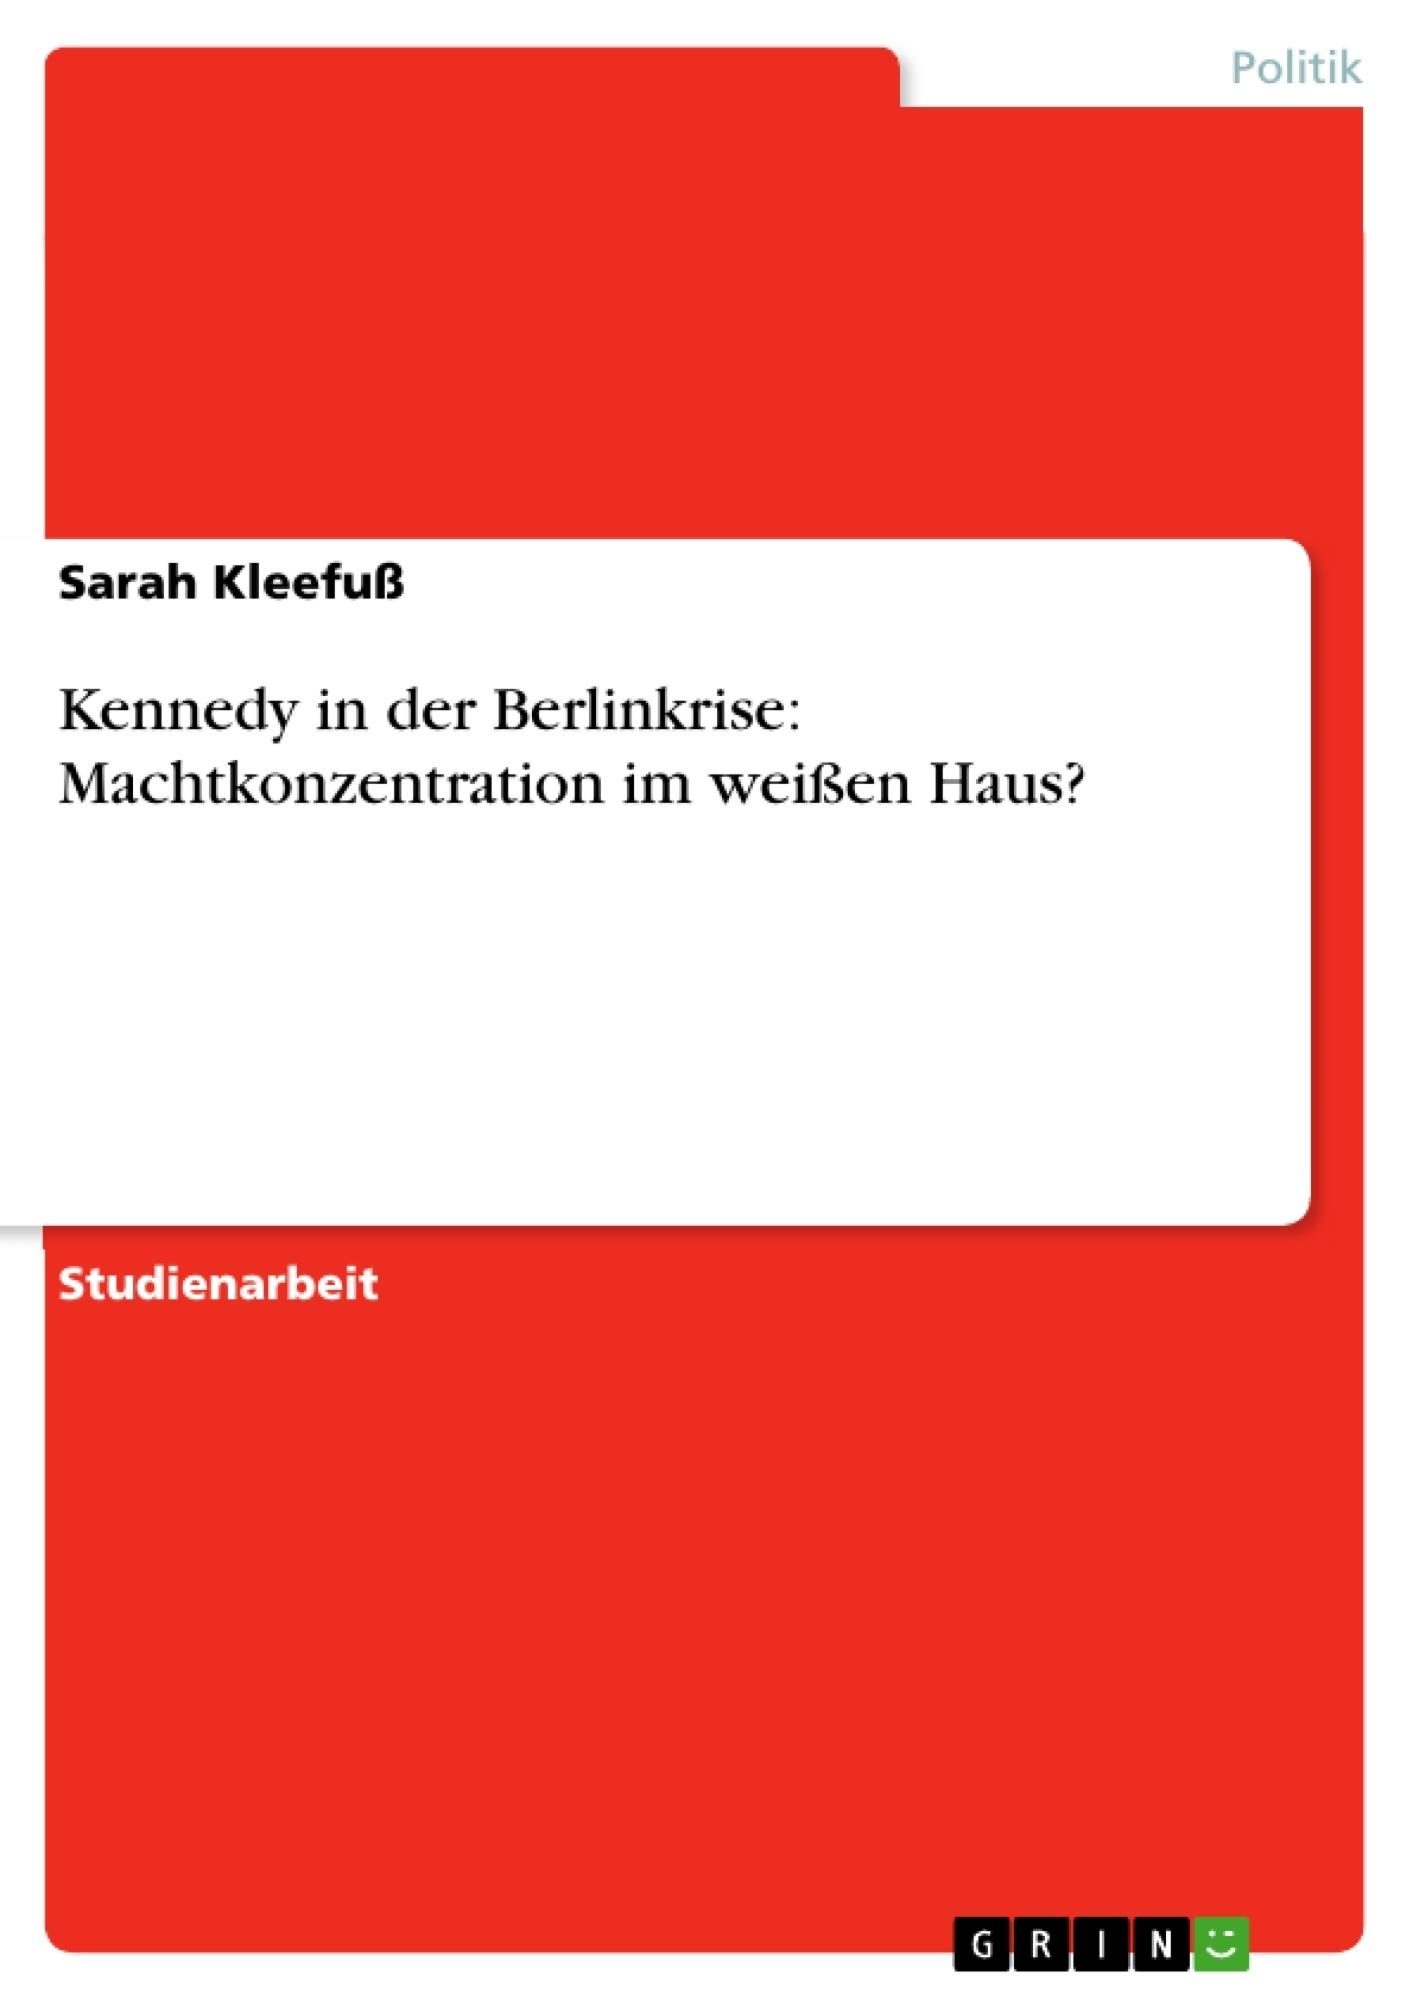 Titel: Kennedy in der Berlinkrise: Machtkonzentration im weißen Haus?